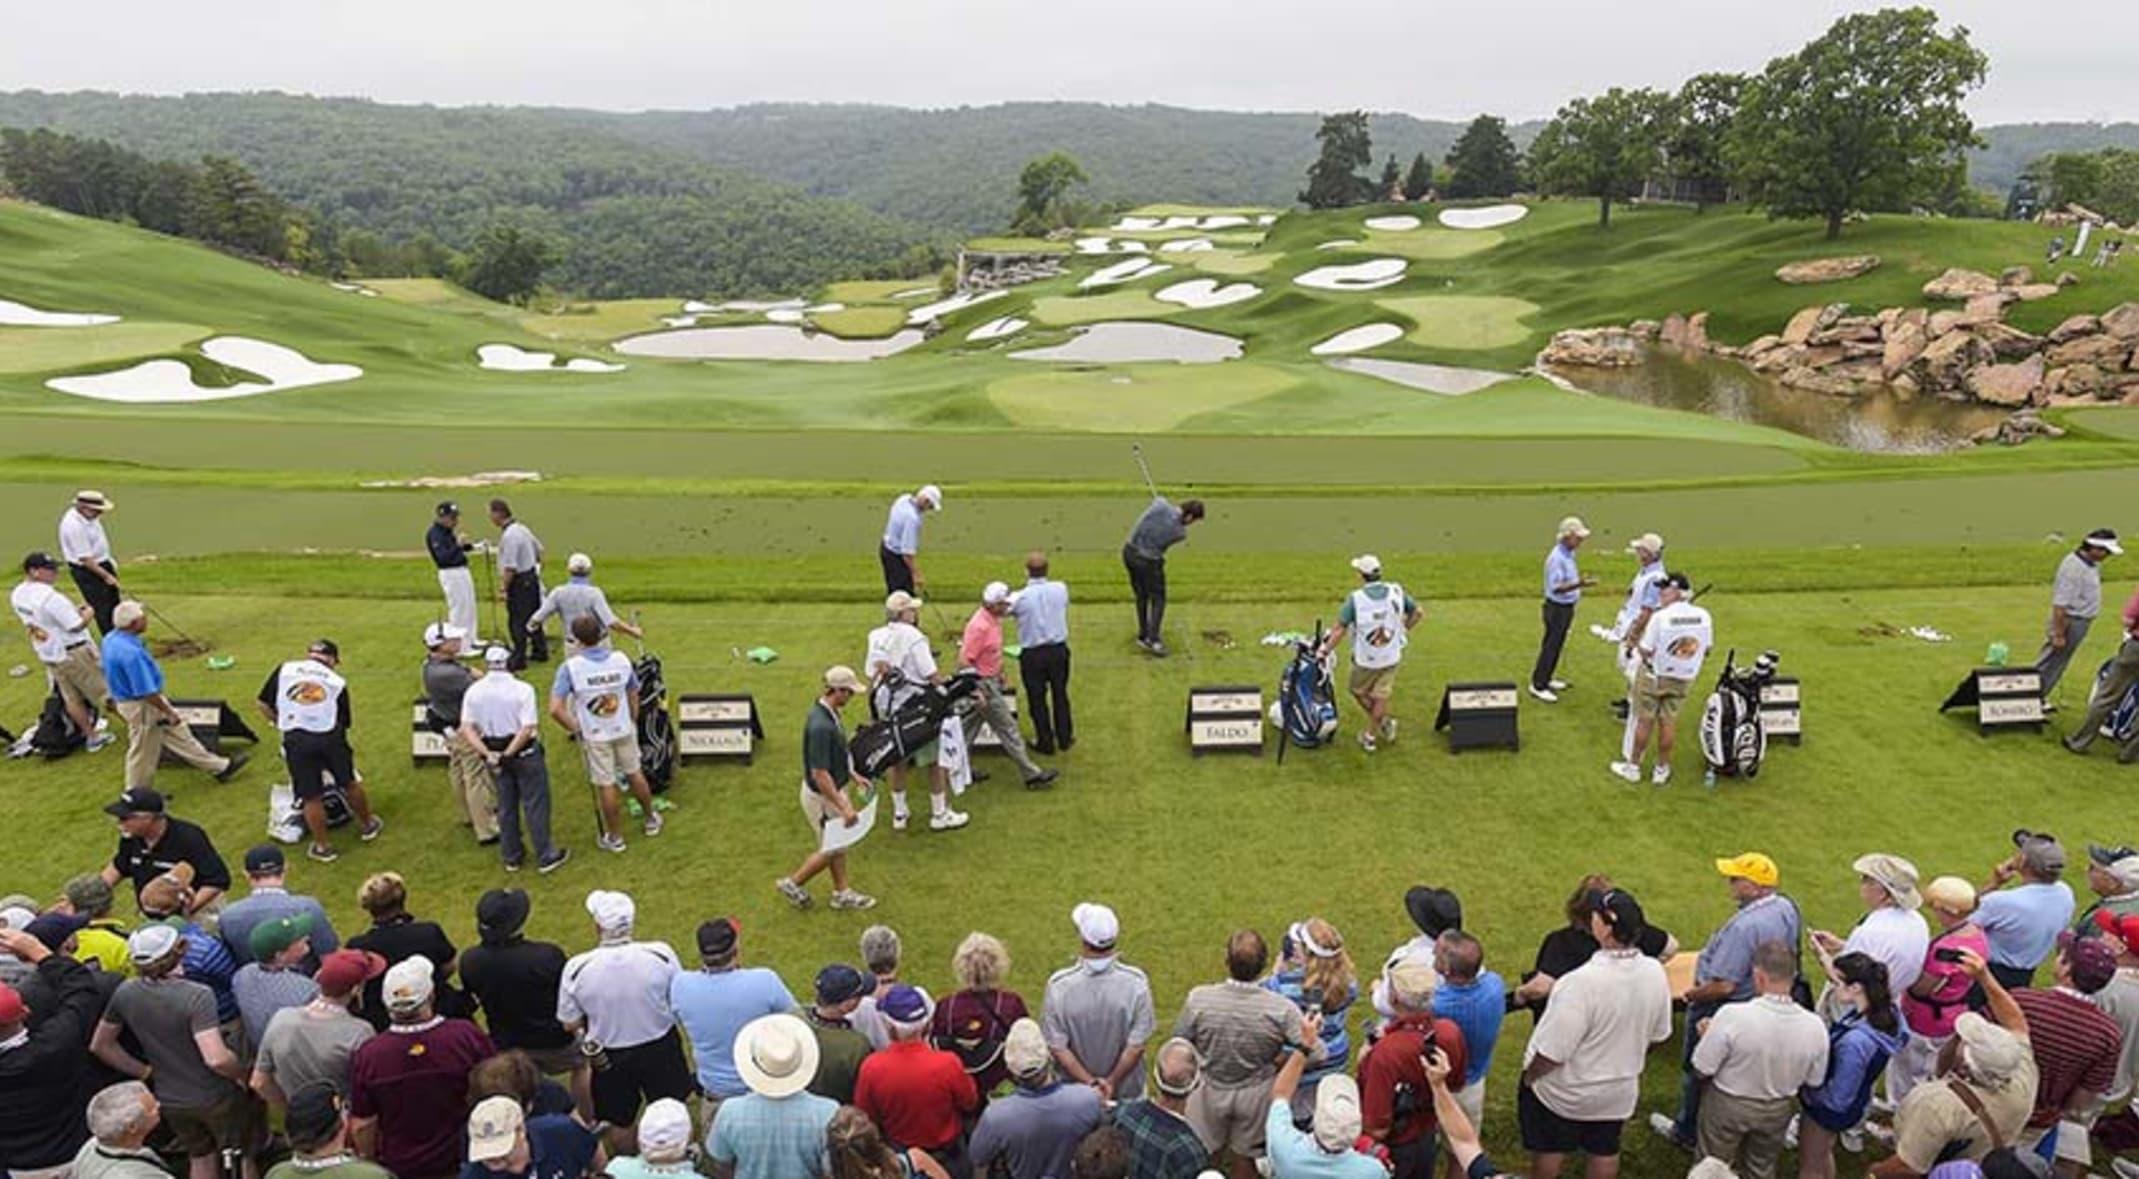 ¿Entrenas tu golf de forma correcta? Exprime el campo de prácticas.